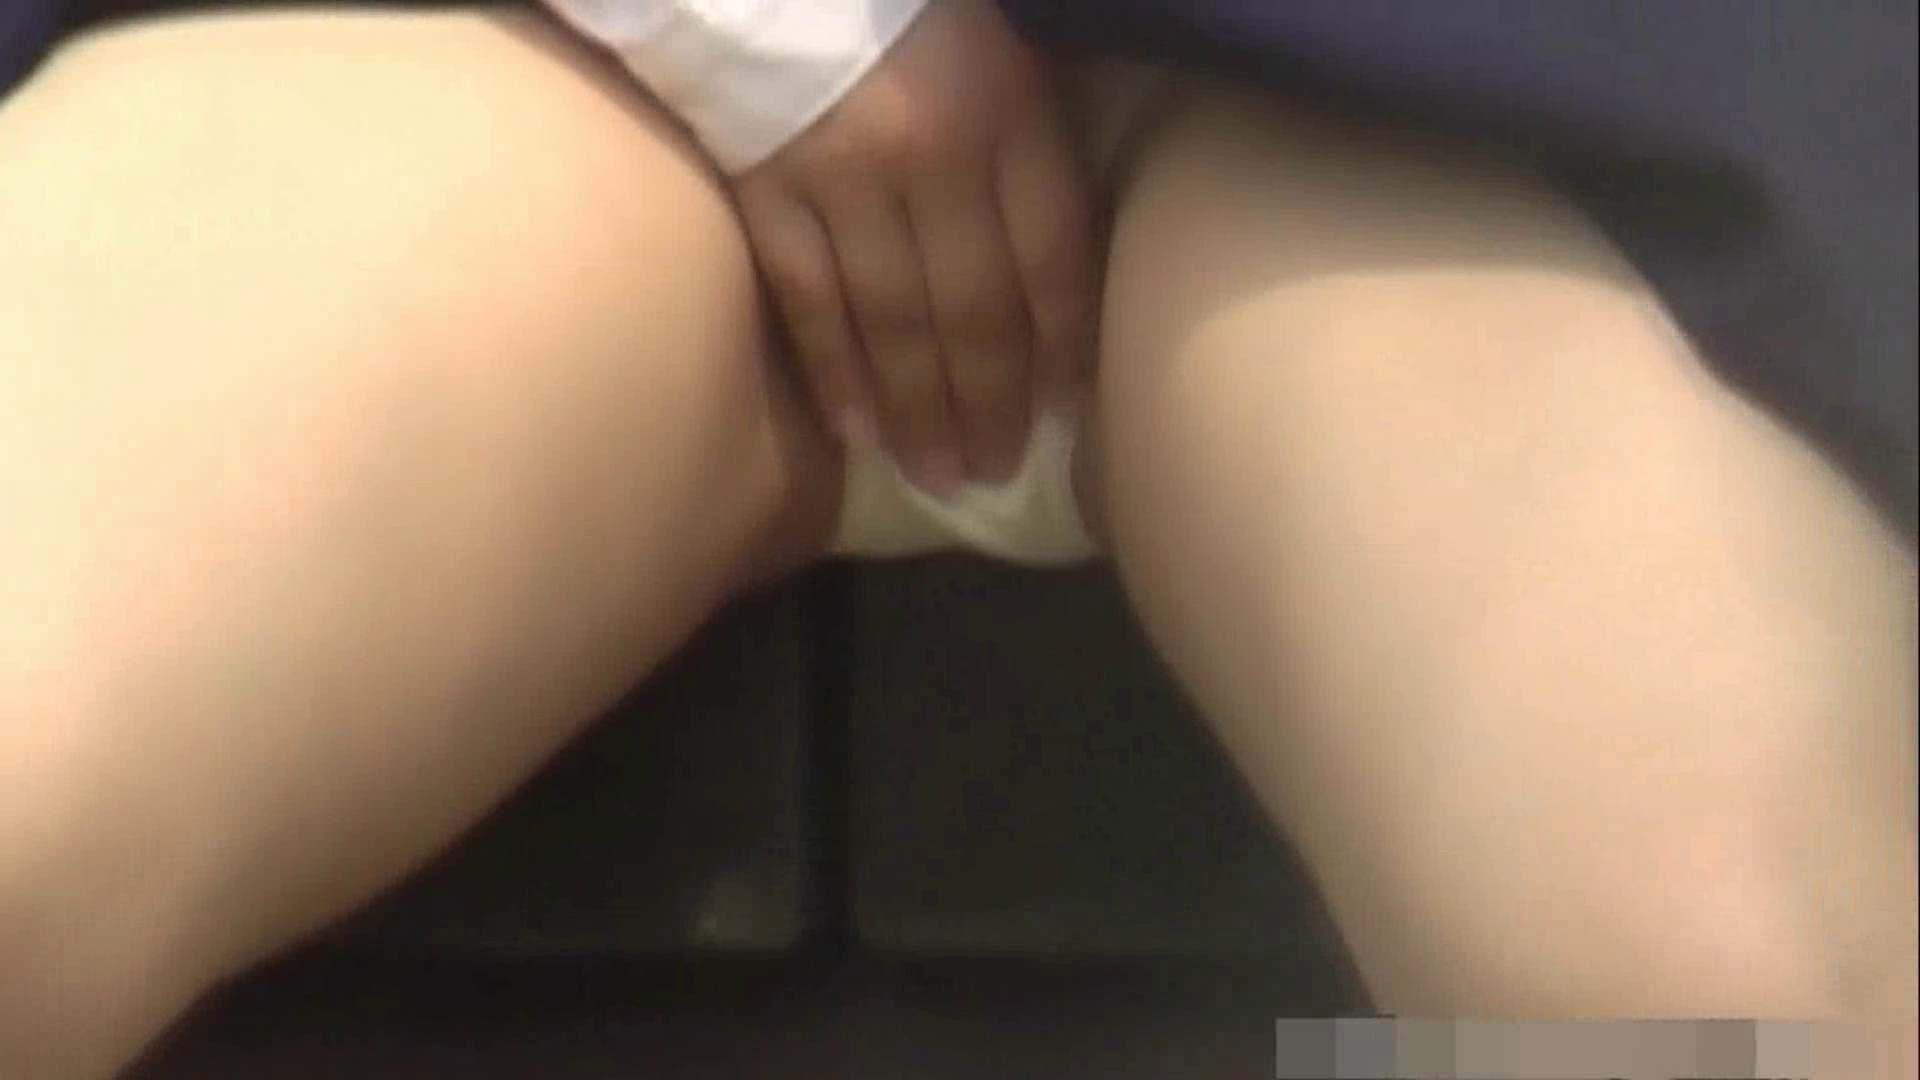 アヘ顔のわたしってどうかしら Vol.043 美女丸裸 おめこ無修正動画無料 99pic 58